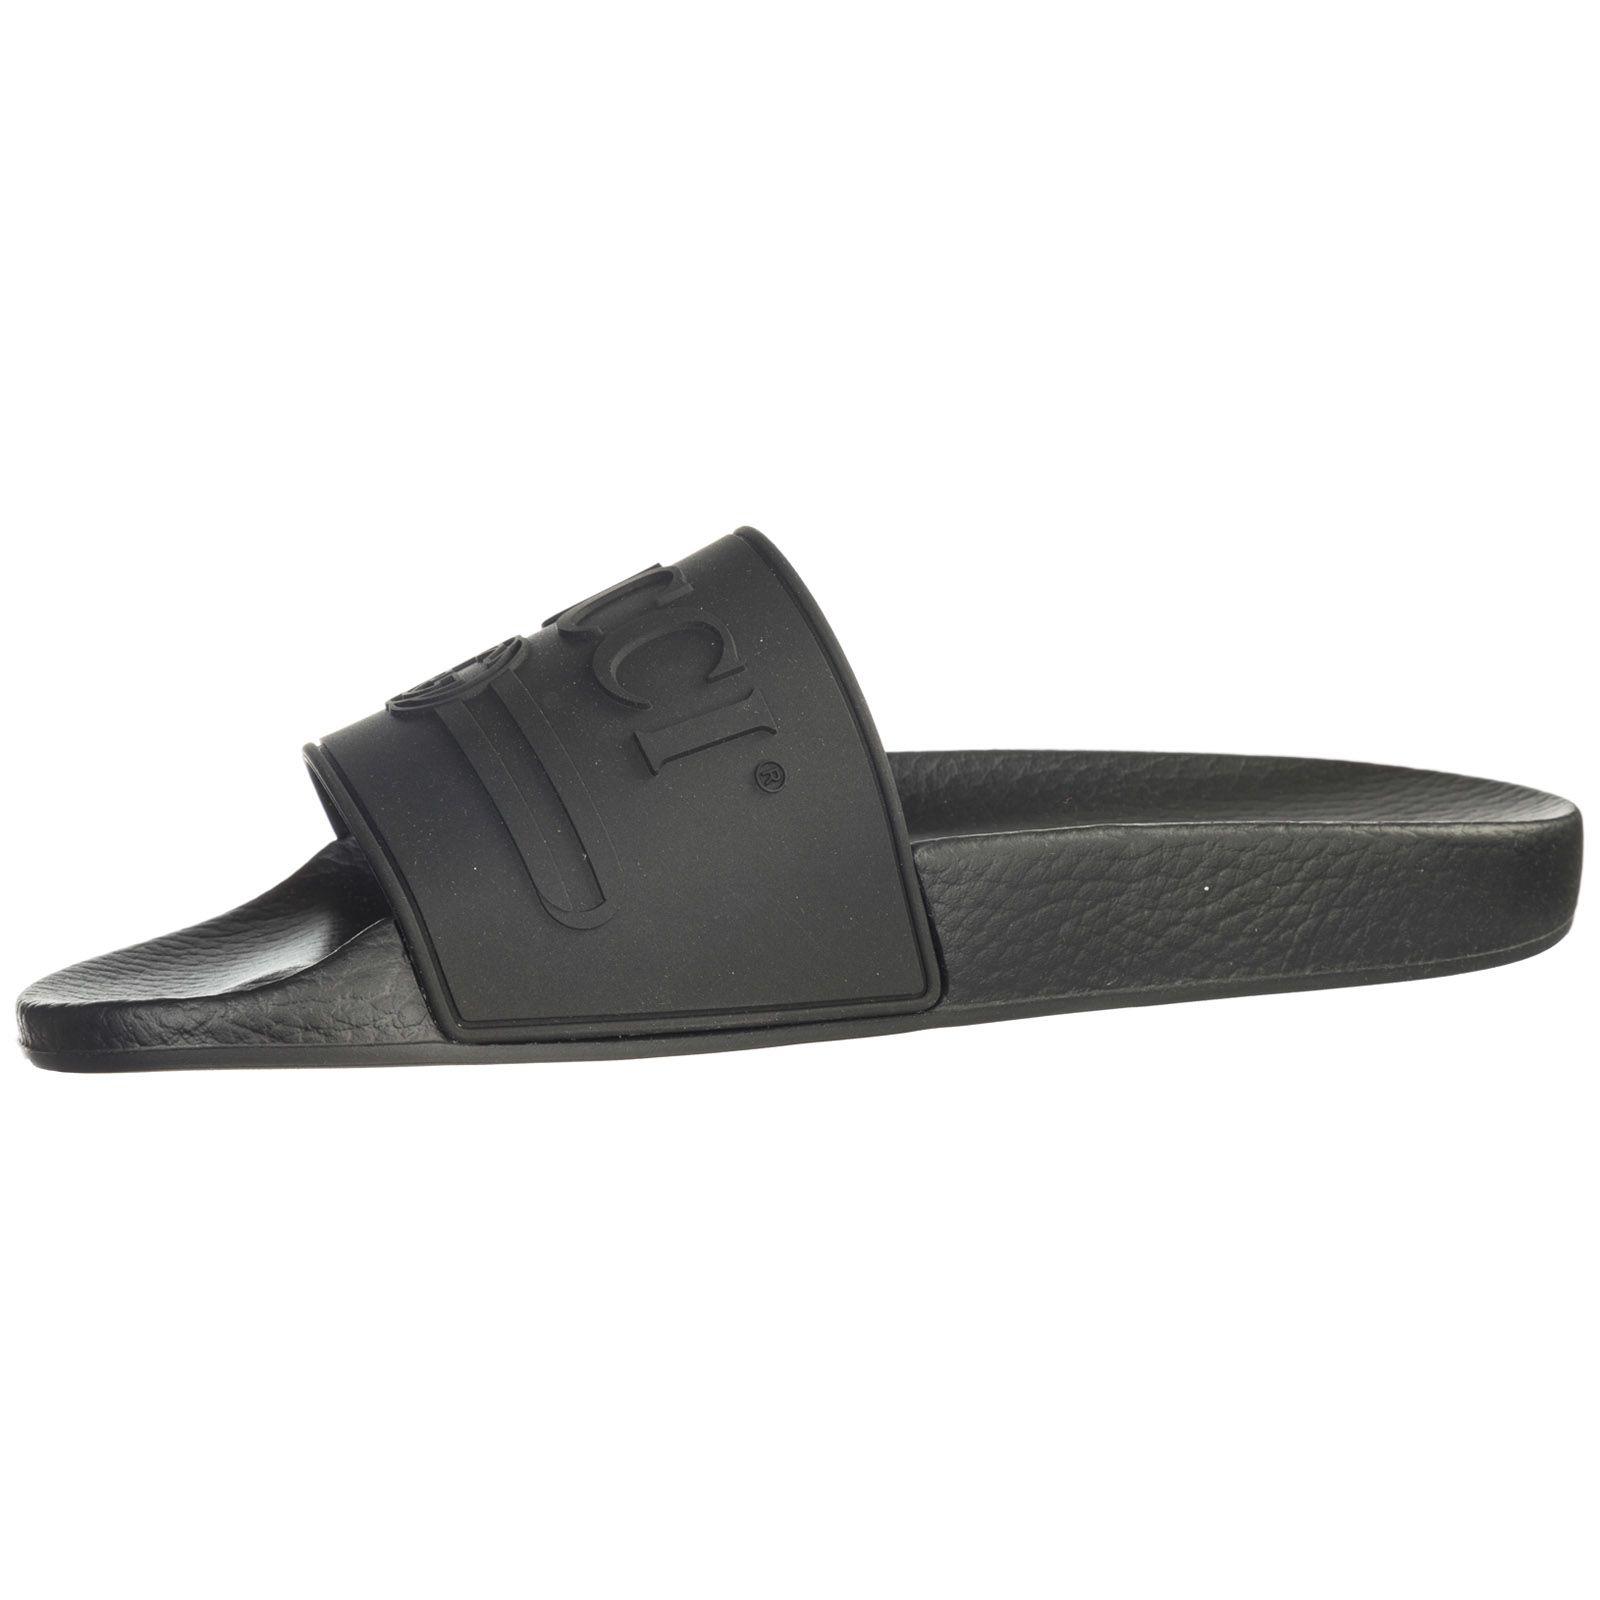 e6c6c5aec Gucci Gucci Rubber Slippers Sandals Logo - Nero - 10832676